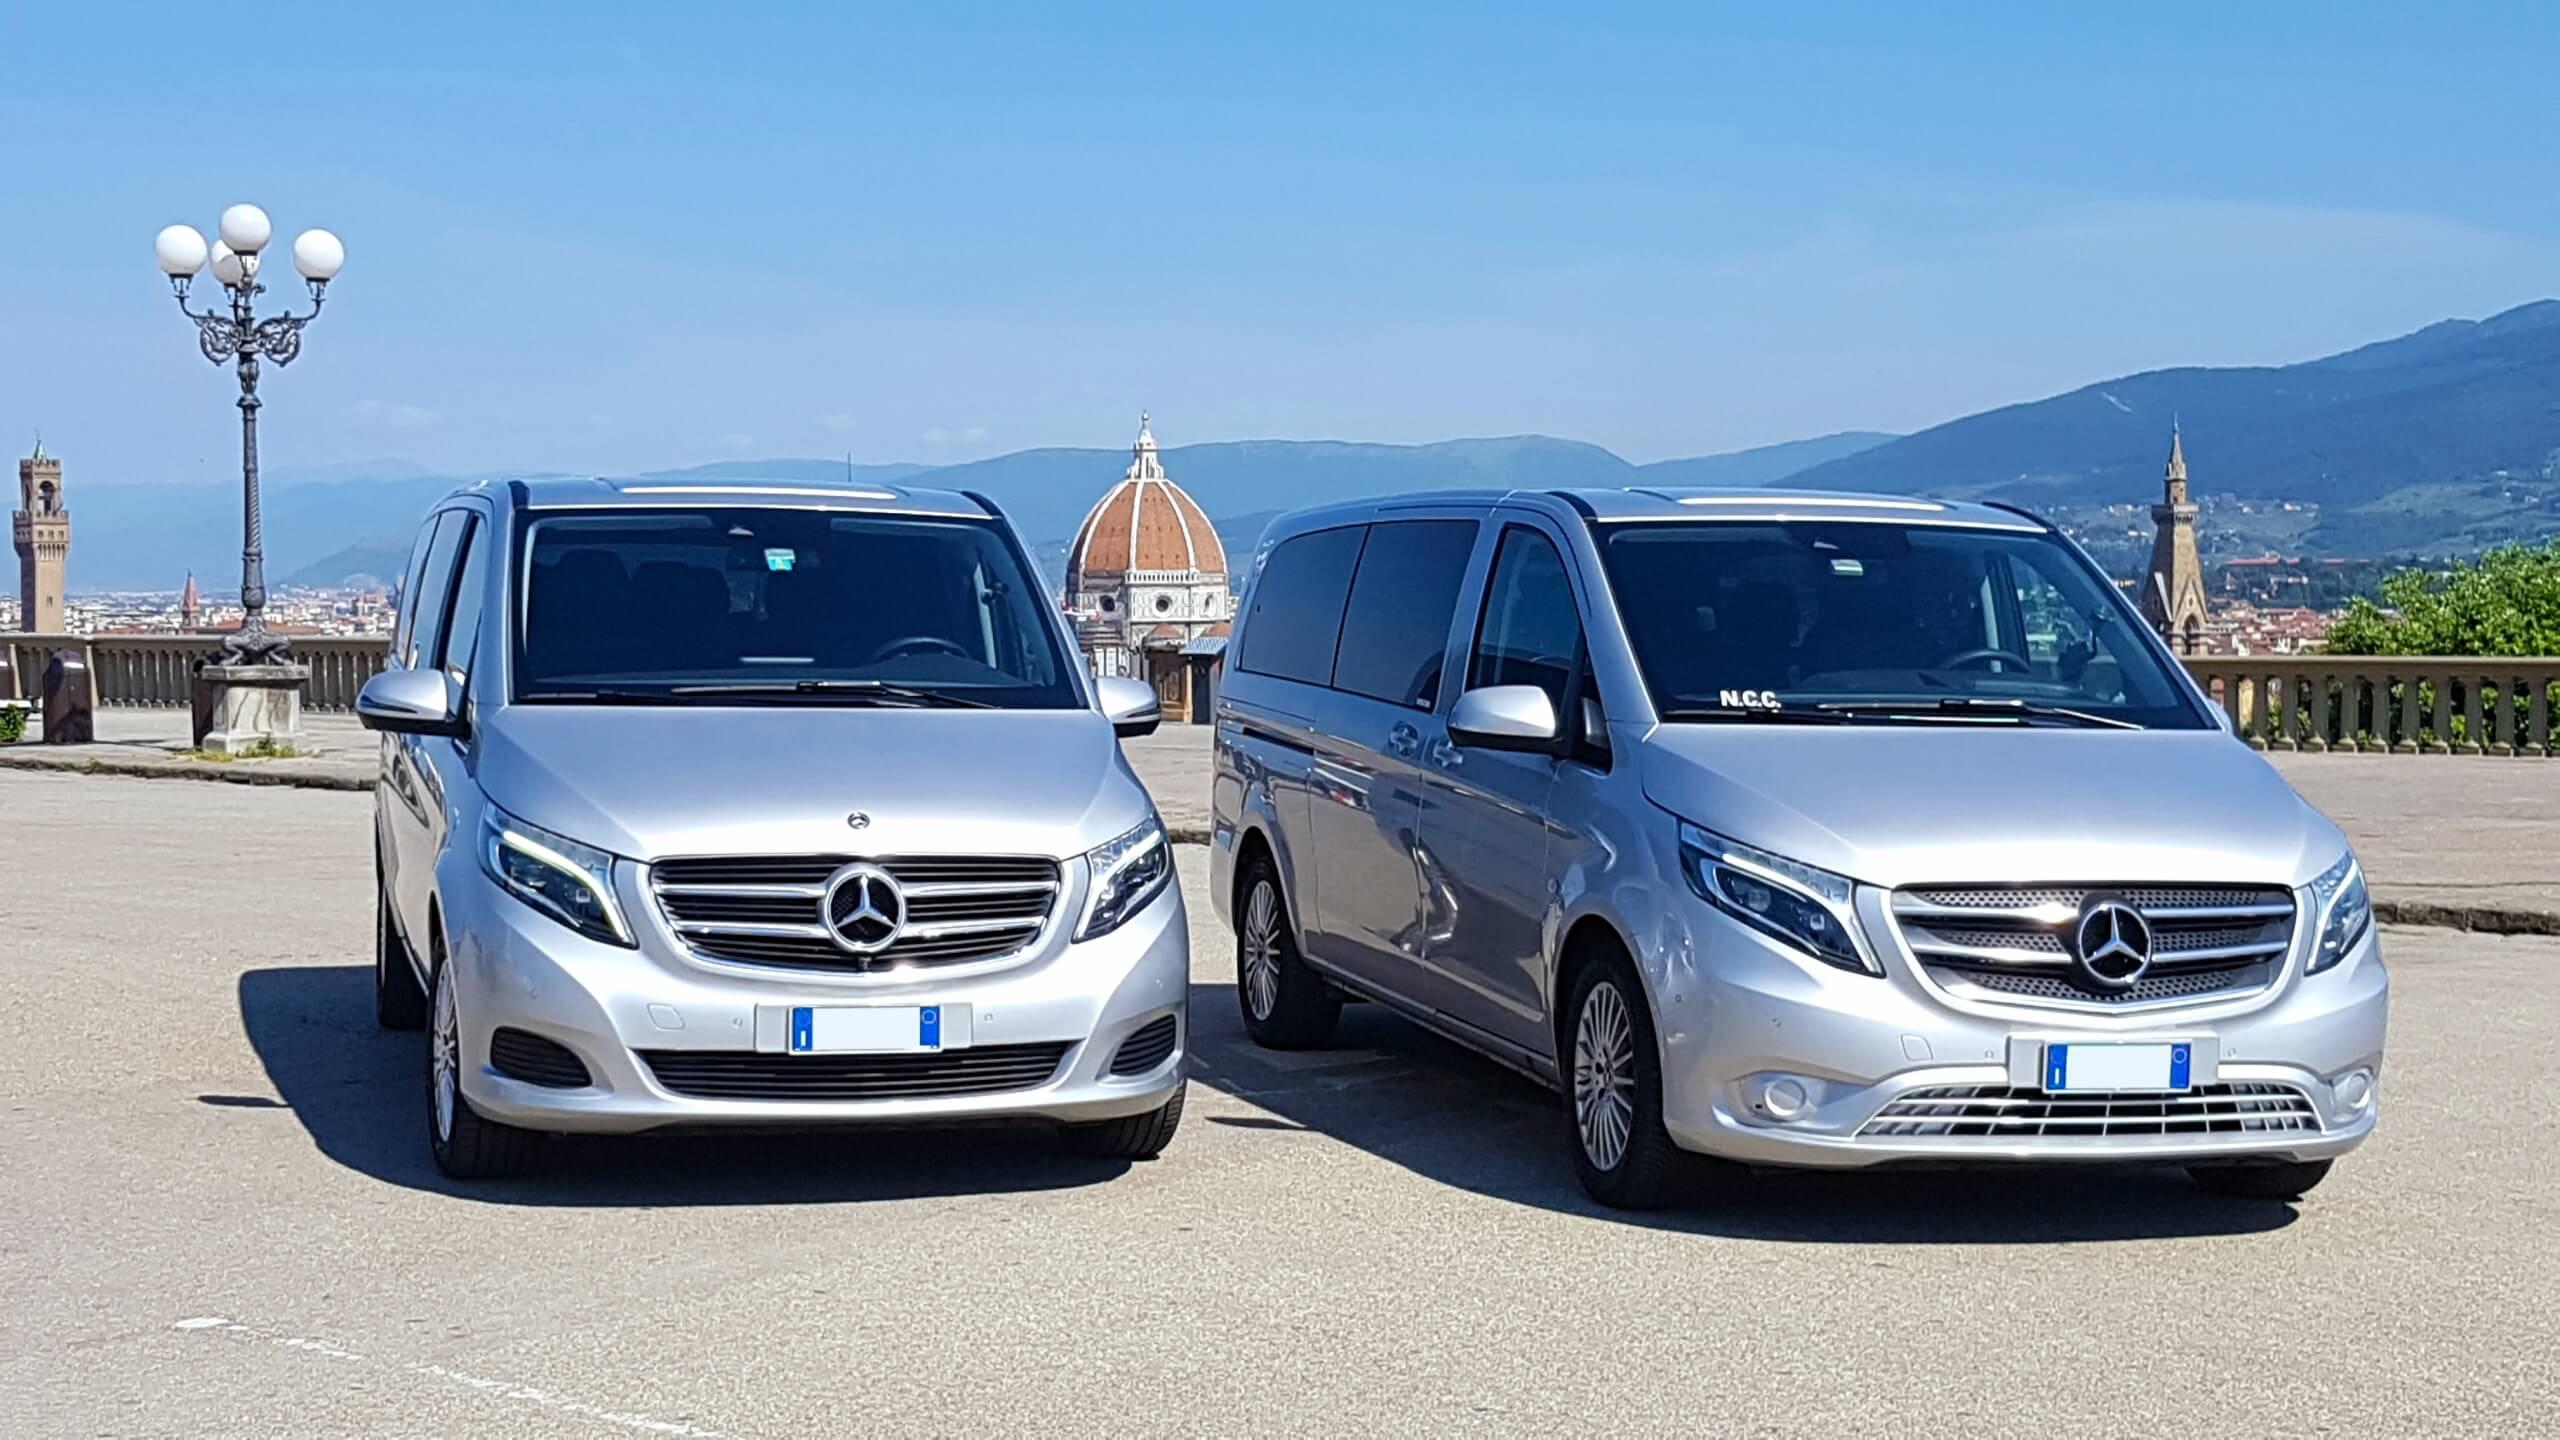 Tusci Car Service escursioni in Toscana Firenze